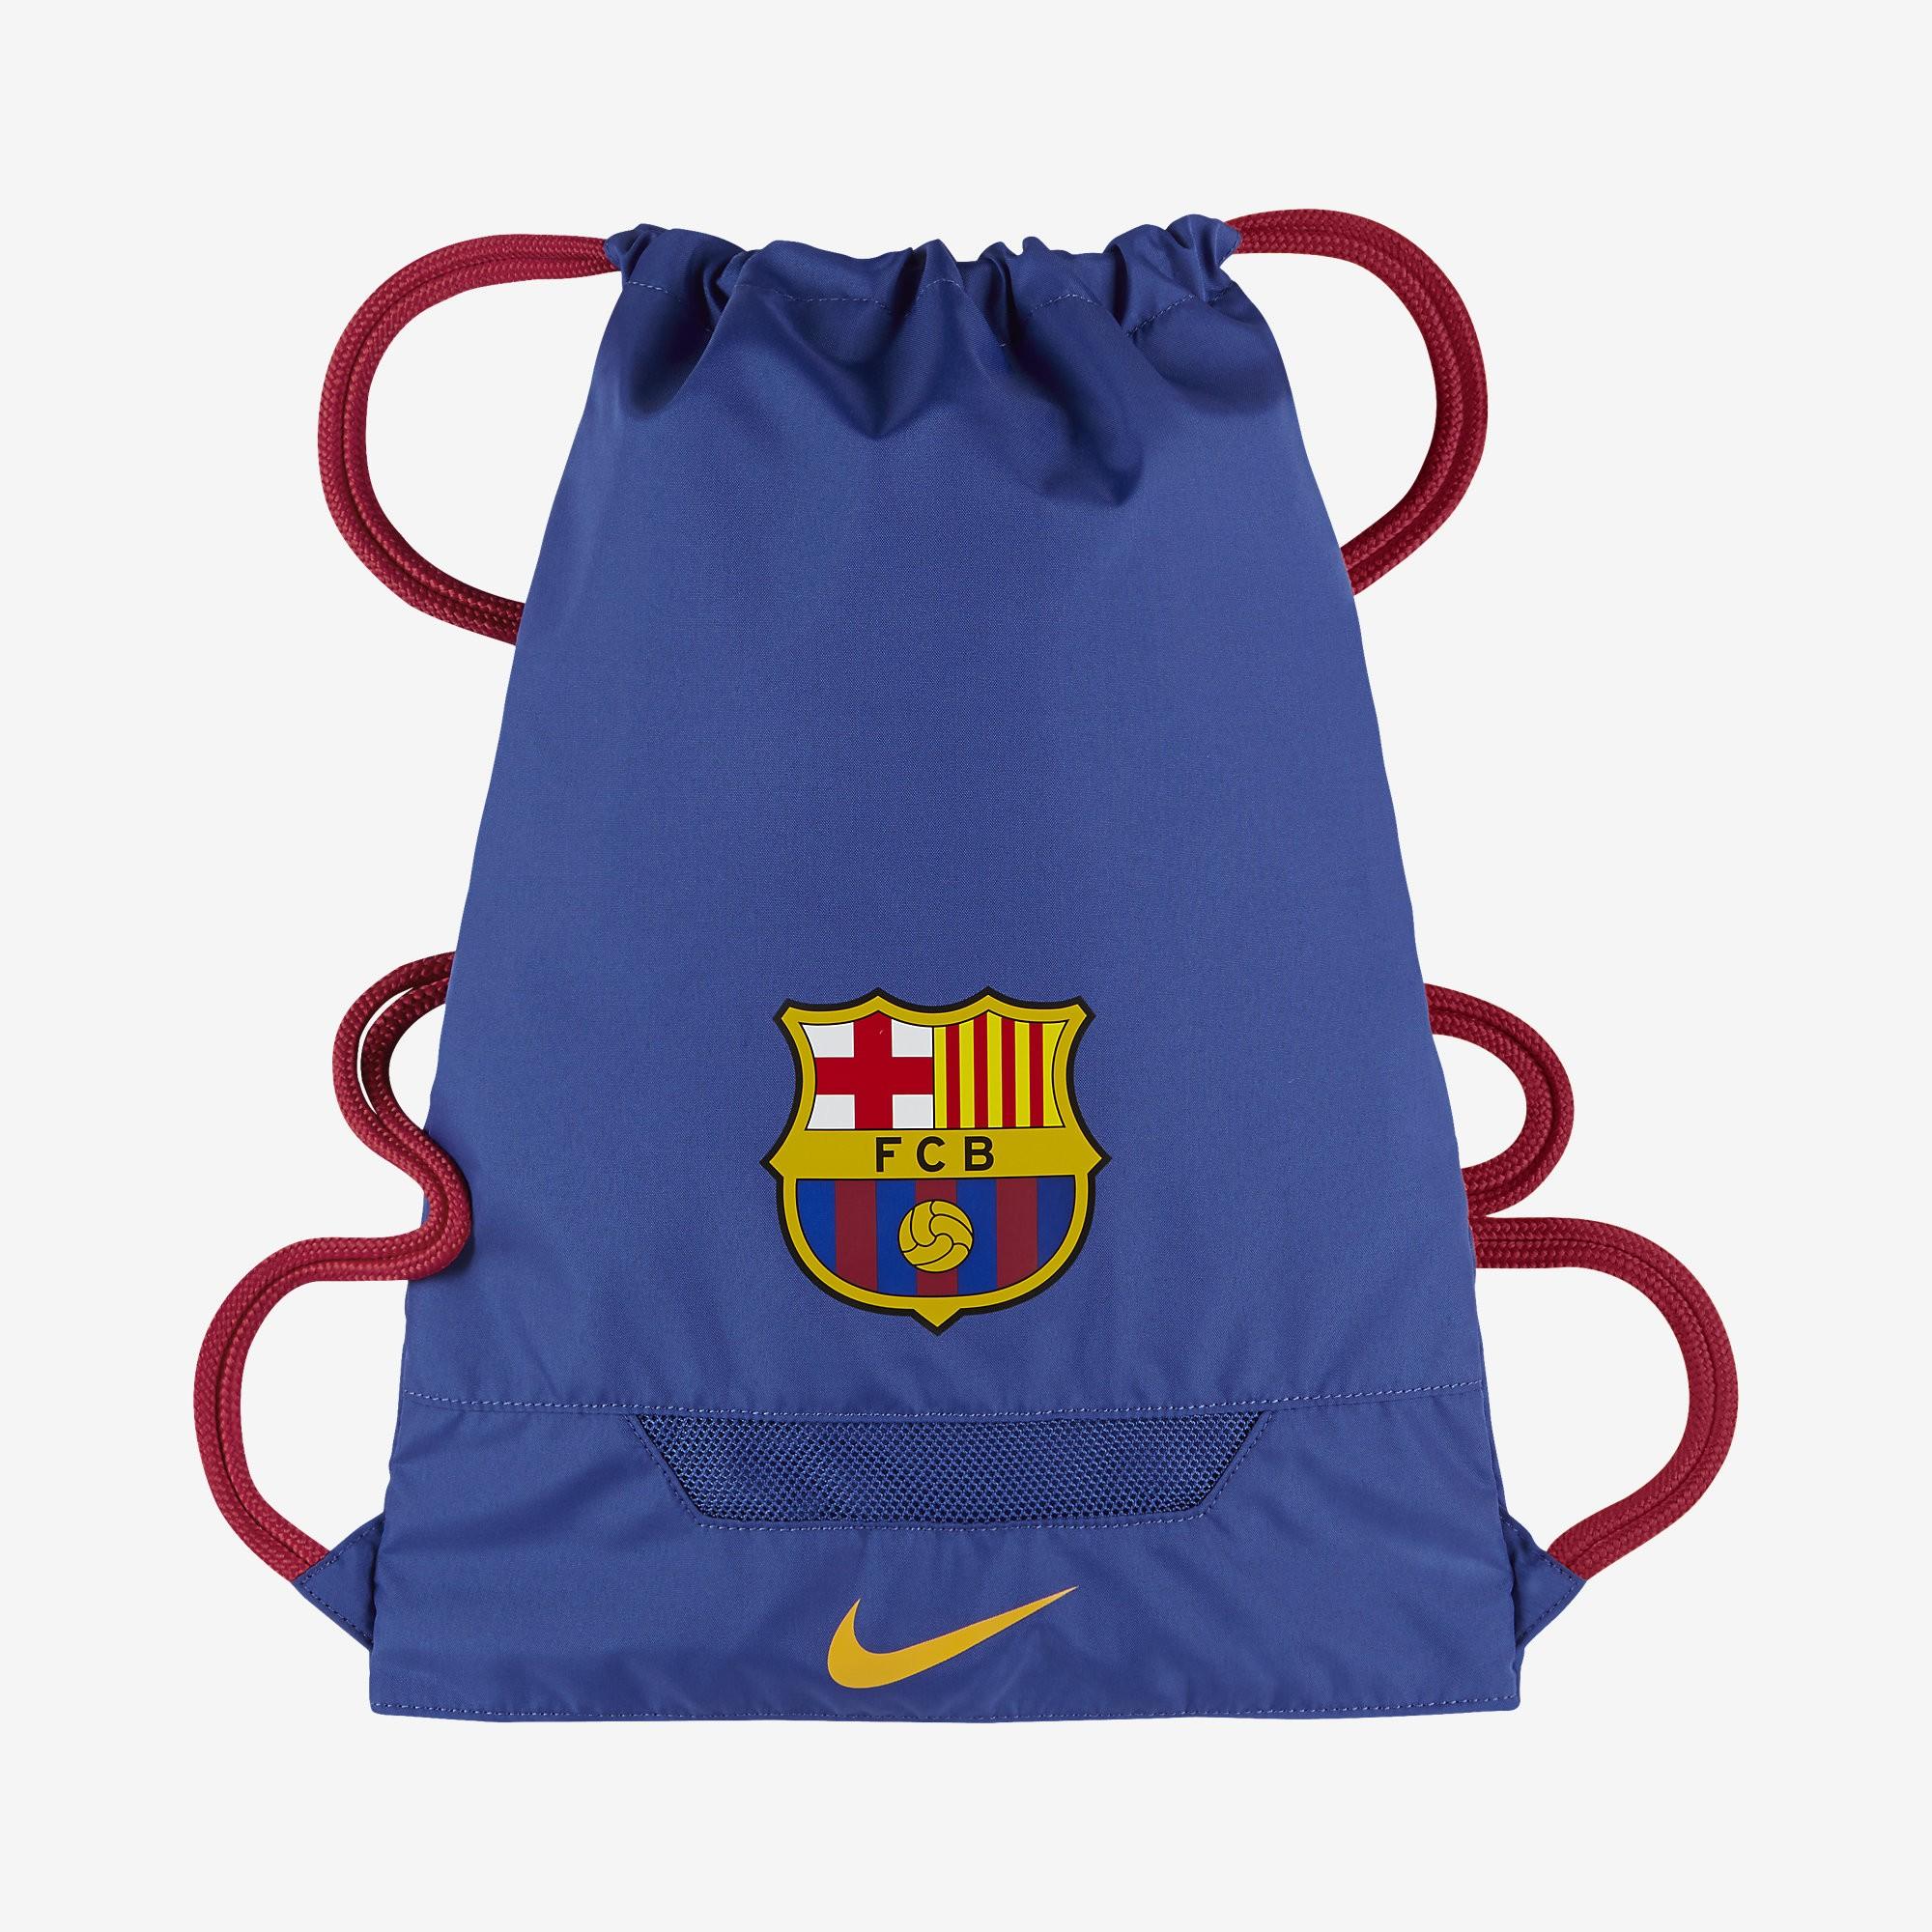 Bolsa cuerdas Nike FC Barcelona Allegiance BA5289 - Deportes Manzanedo f56482a1a1c2a